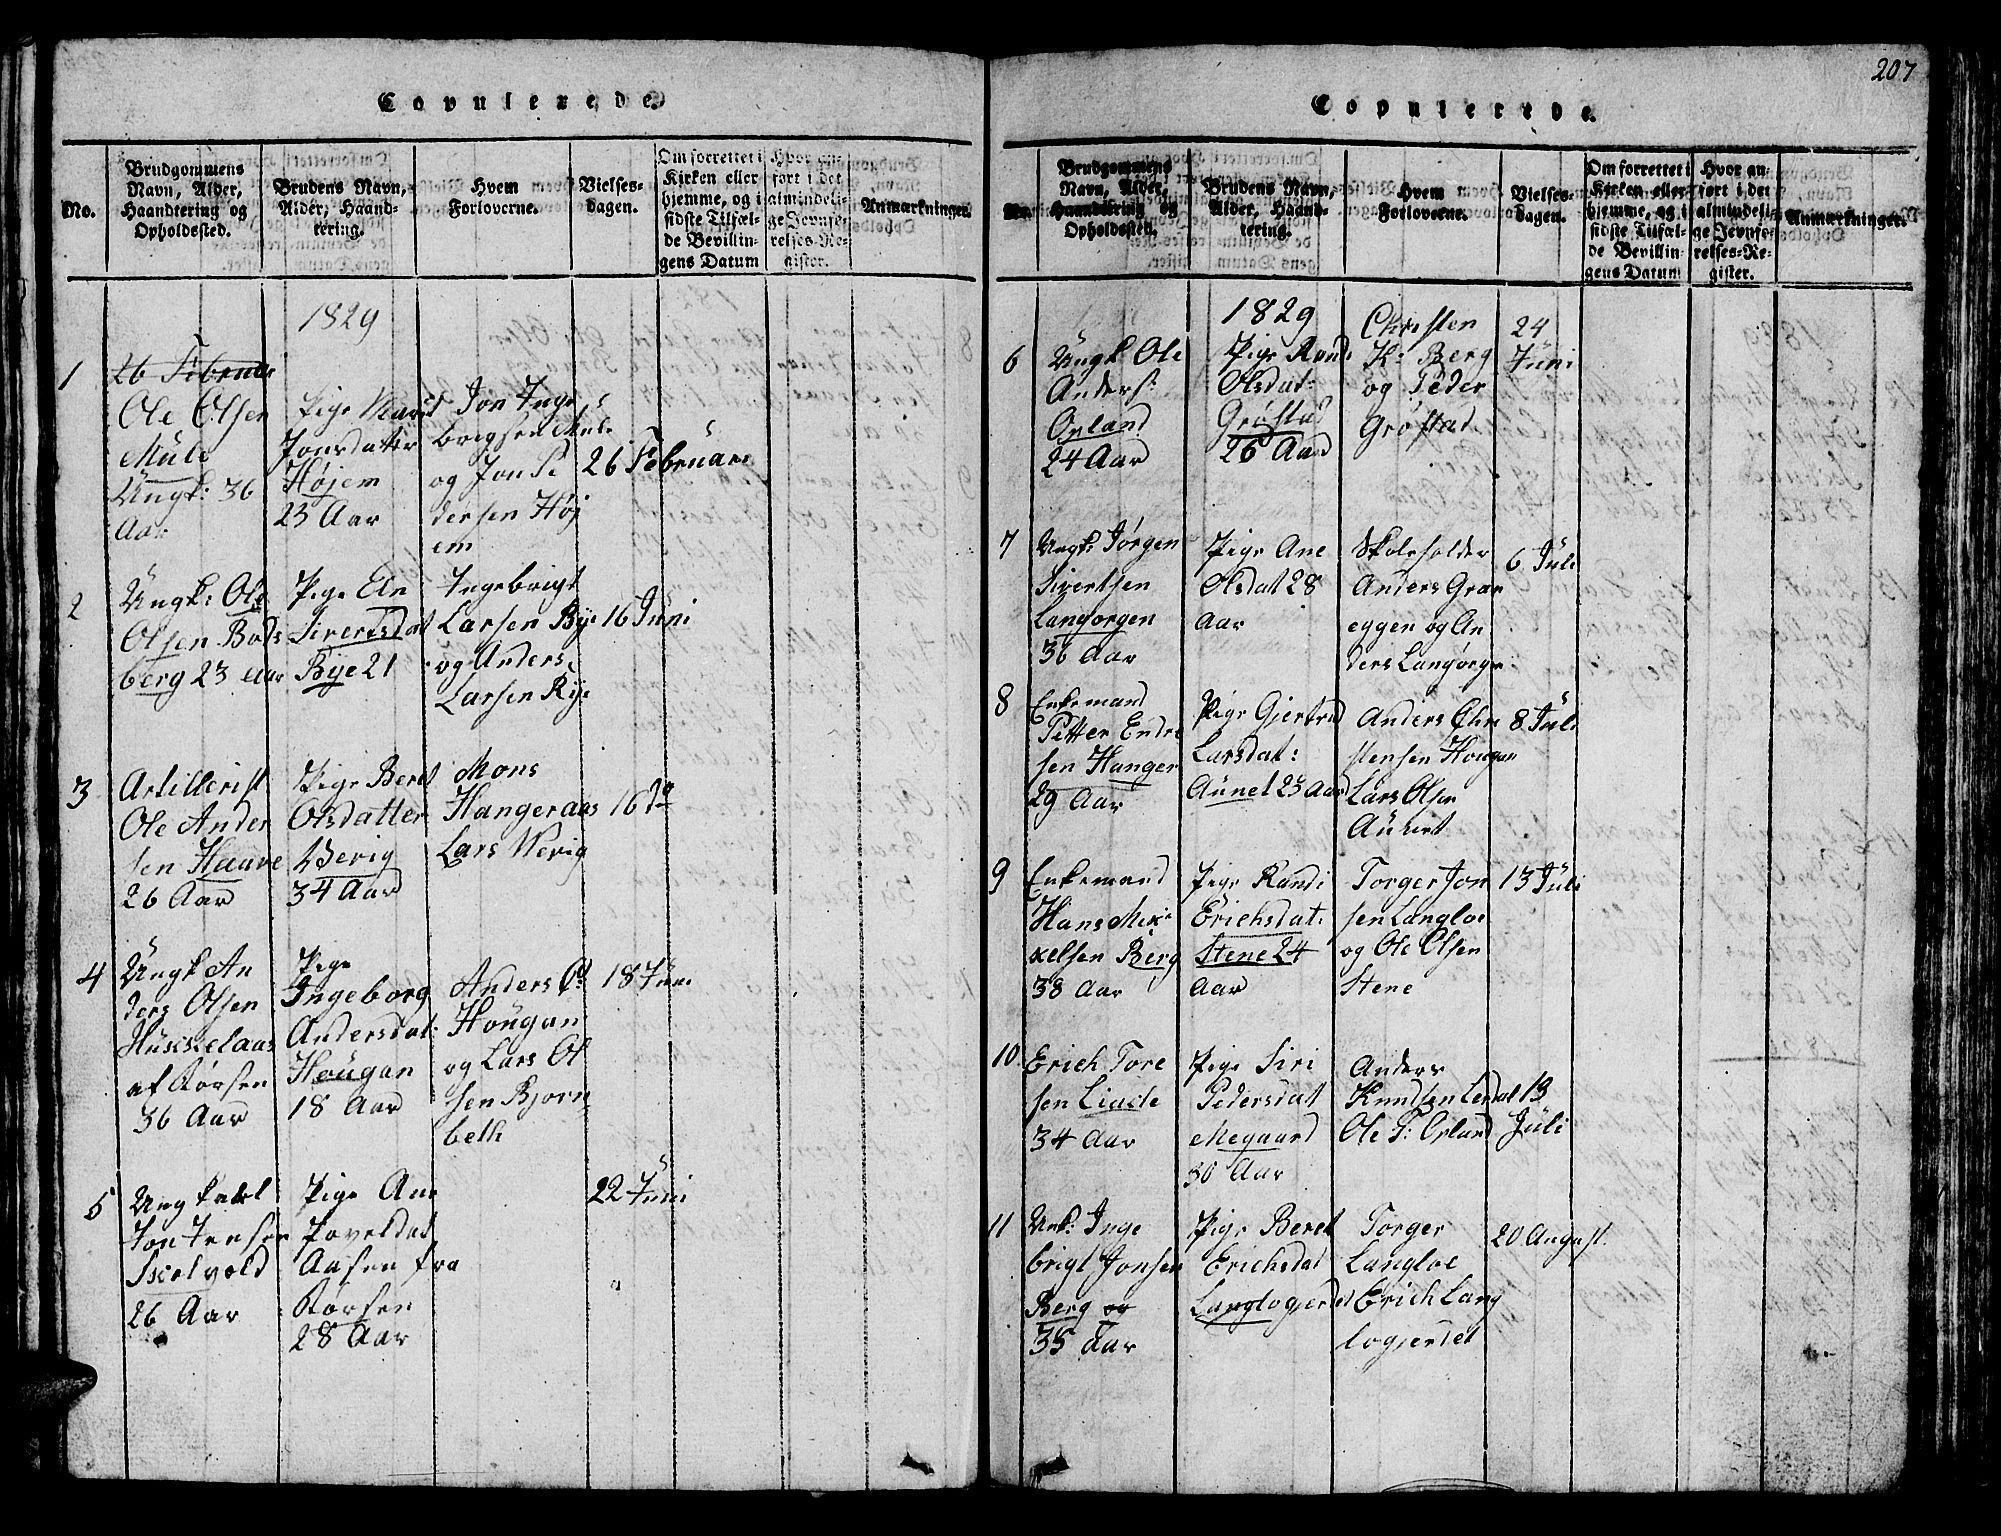 SAT, Ministerialprotokoller, klokkerbøker og fødselsregistre - Sør-Trøndelag, 612/L0385: Klokkerbok nr. 612C01, 1816-1845, s. 207